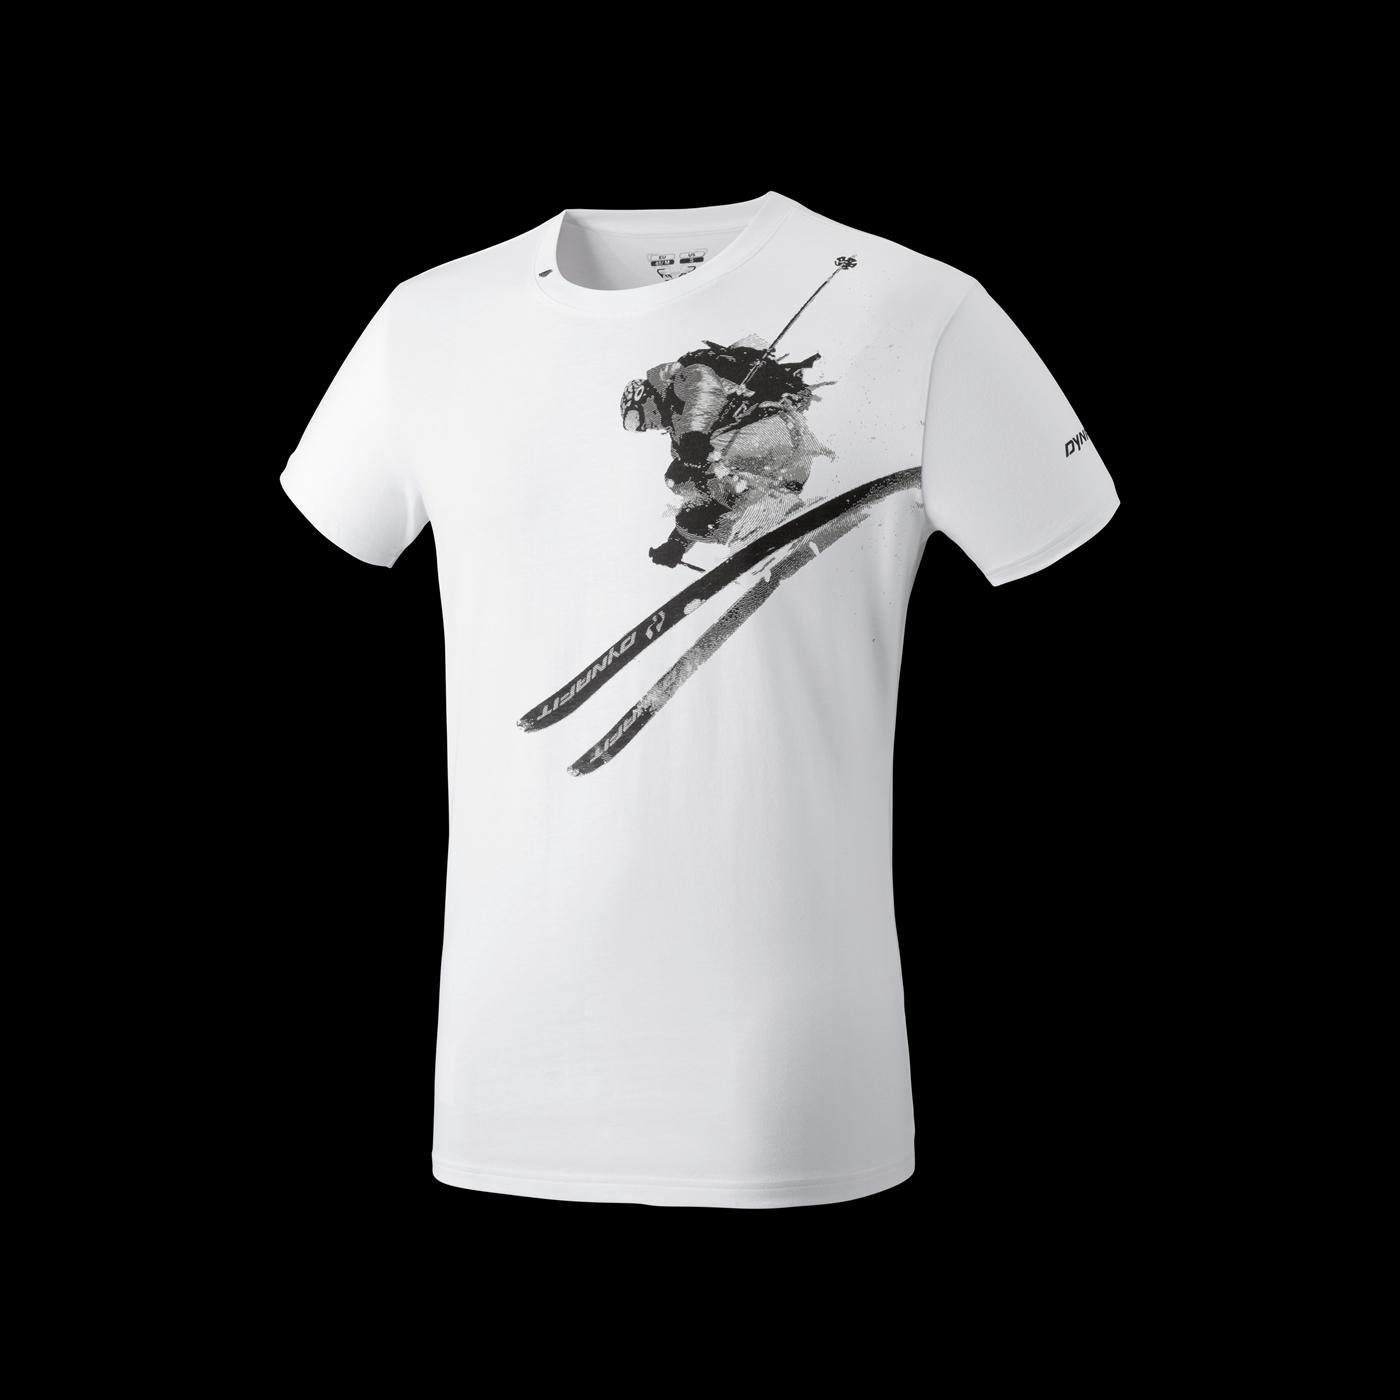 6f8817239d53 T-shirt Dynafit Graphic Co M S s White Cliff